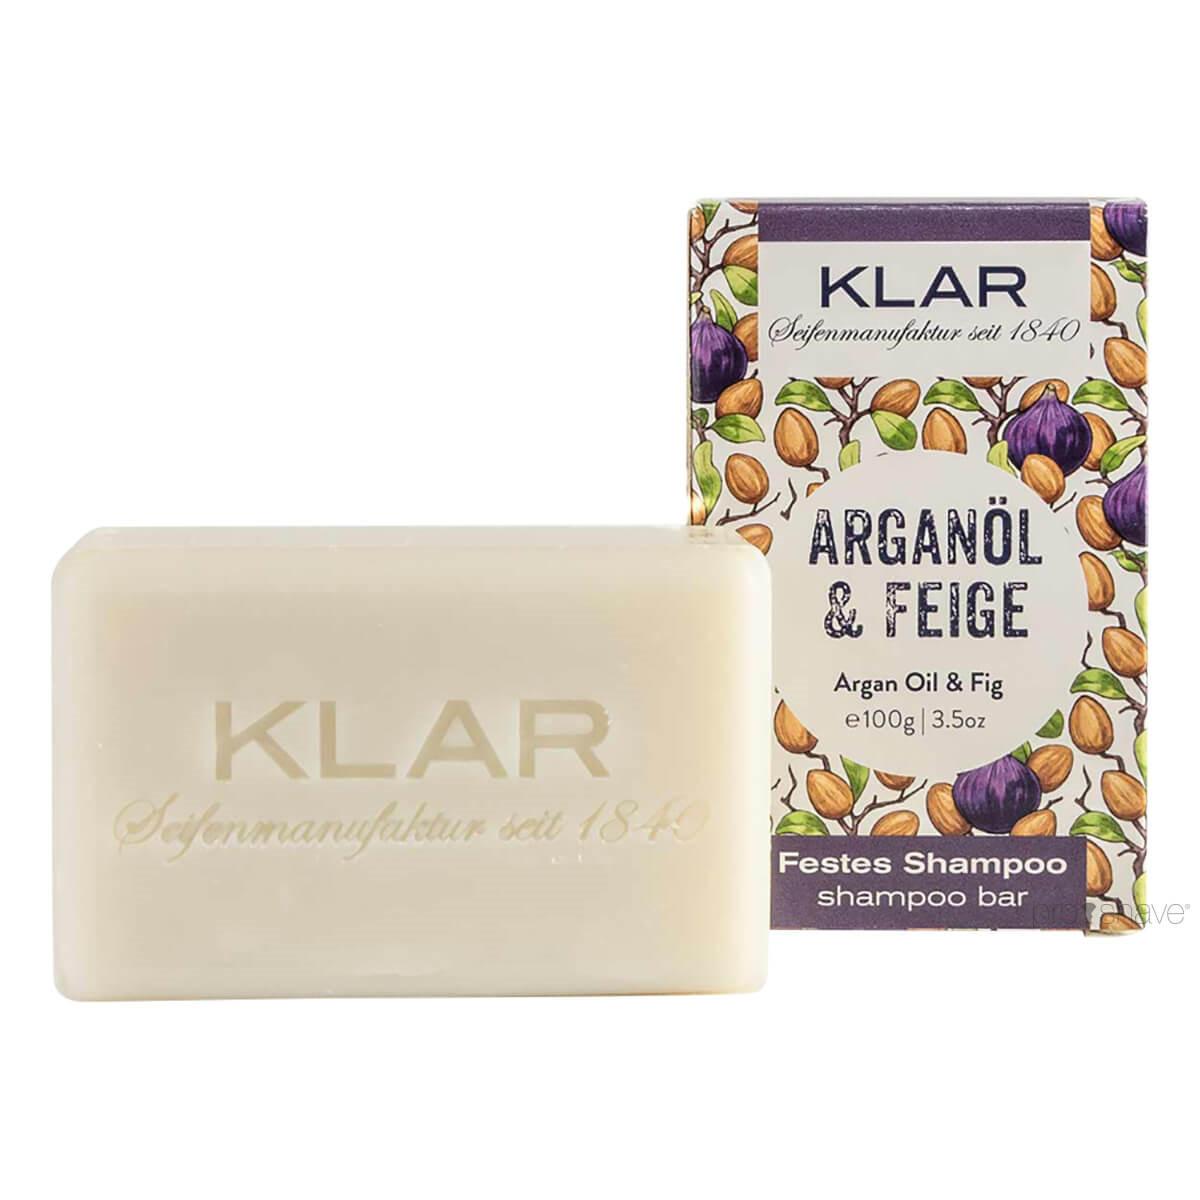 Billede af Klar Seifen Shampoo Bar, Argan Olie & Figen, 100 gr.